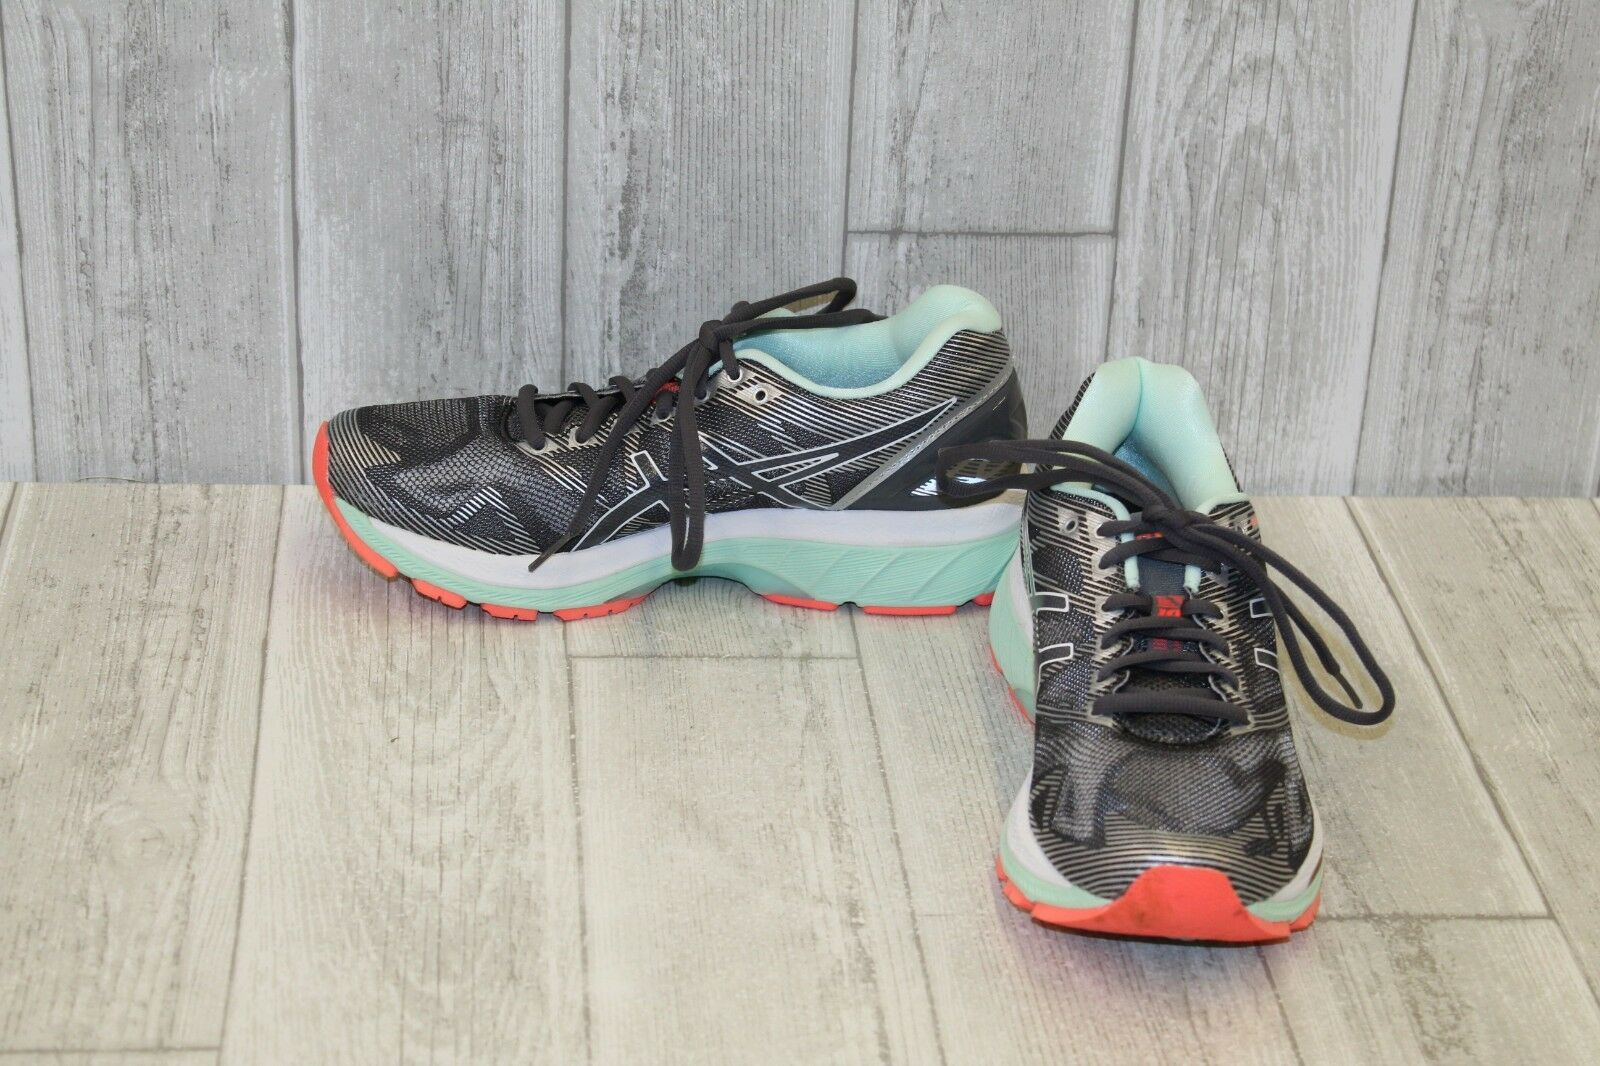 Asics Gel-Nimbus 19 Calzado para Correr, Para Para Para Mujer Talla 7.5, Carbón Menta Coral  entrega gratis